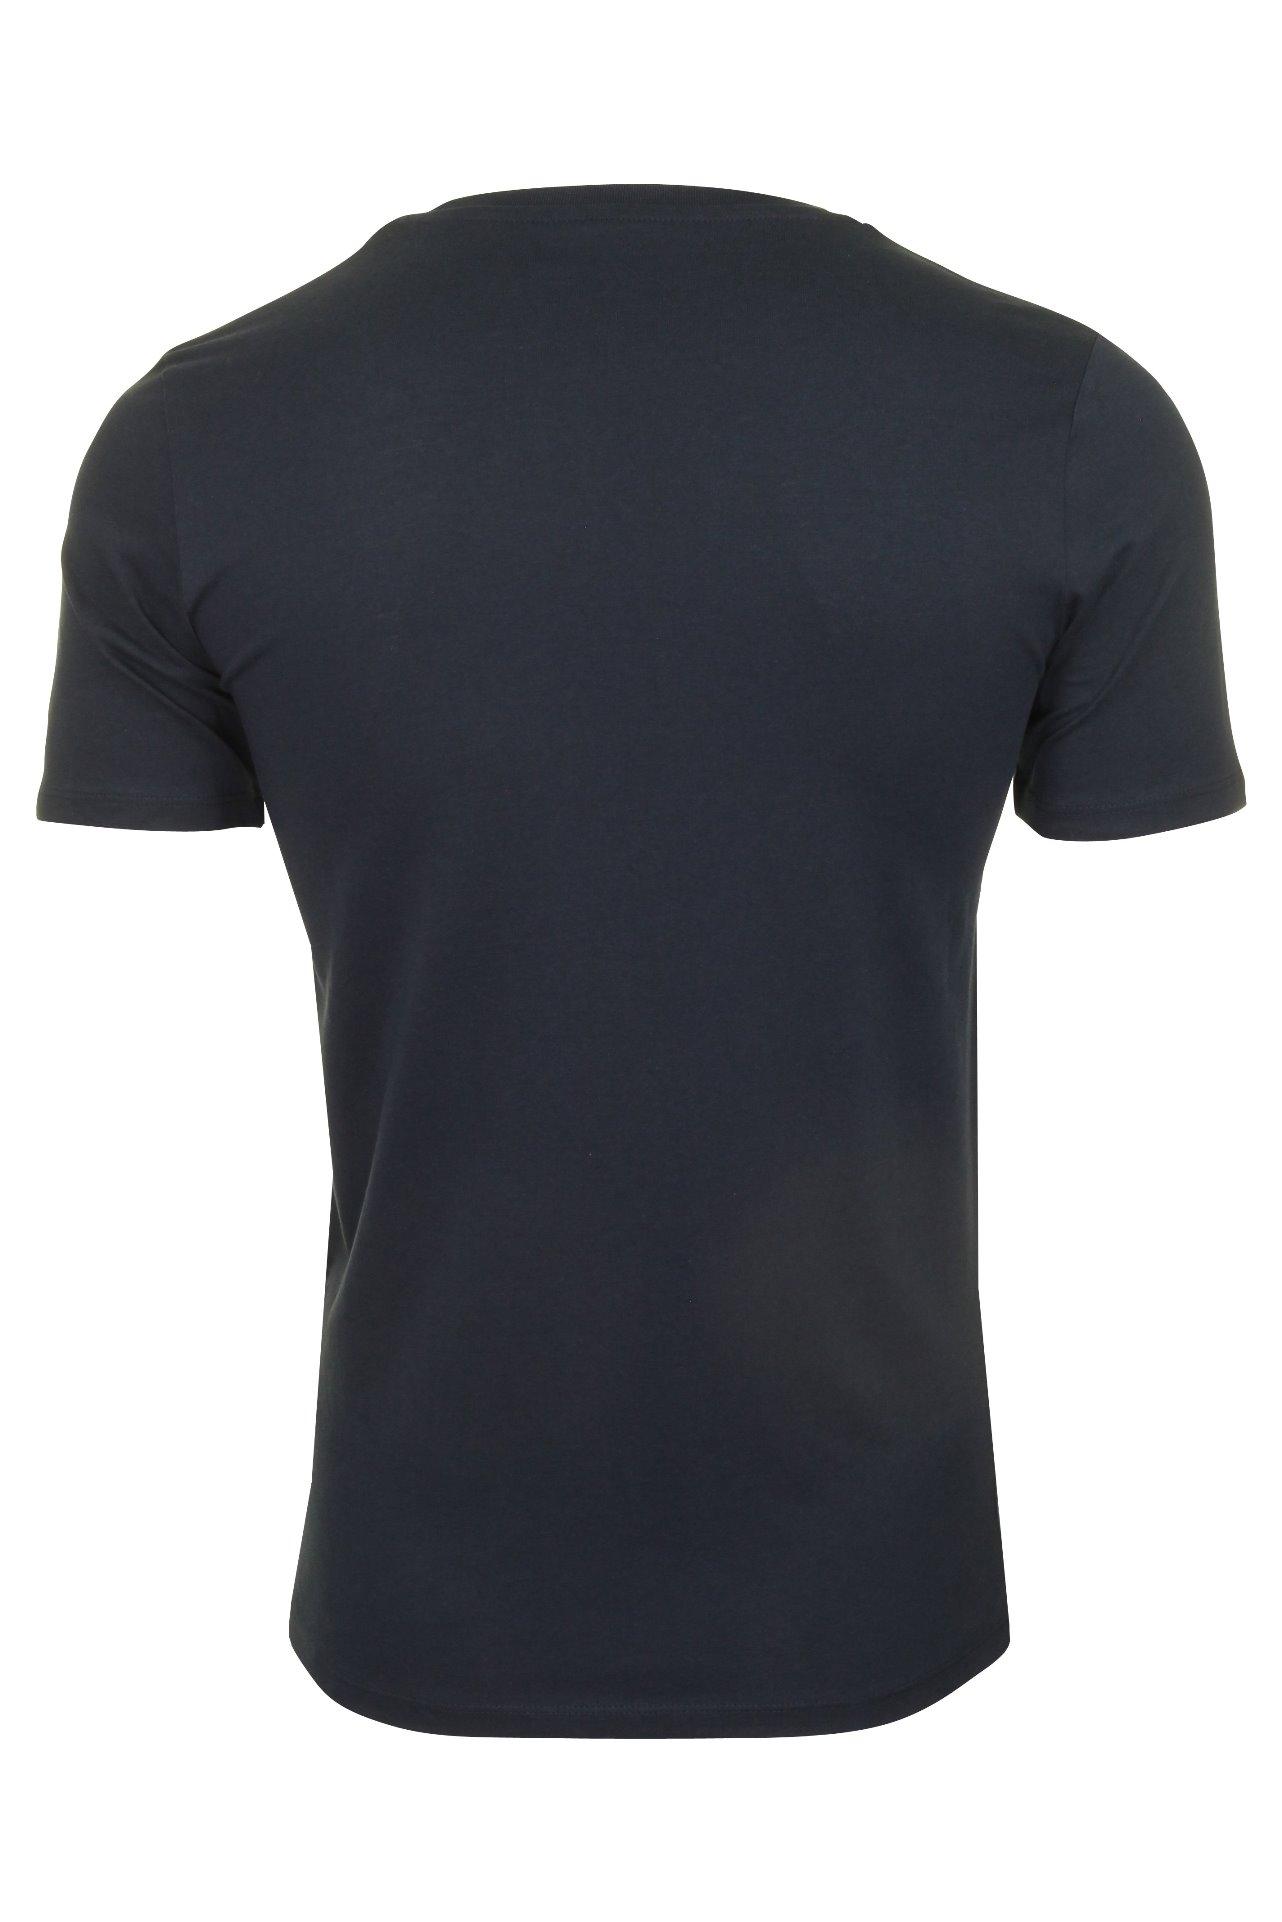 Short Sleeved Jack /& Jones Mens T-Shirt /'Pocket/'